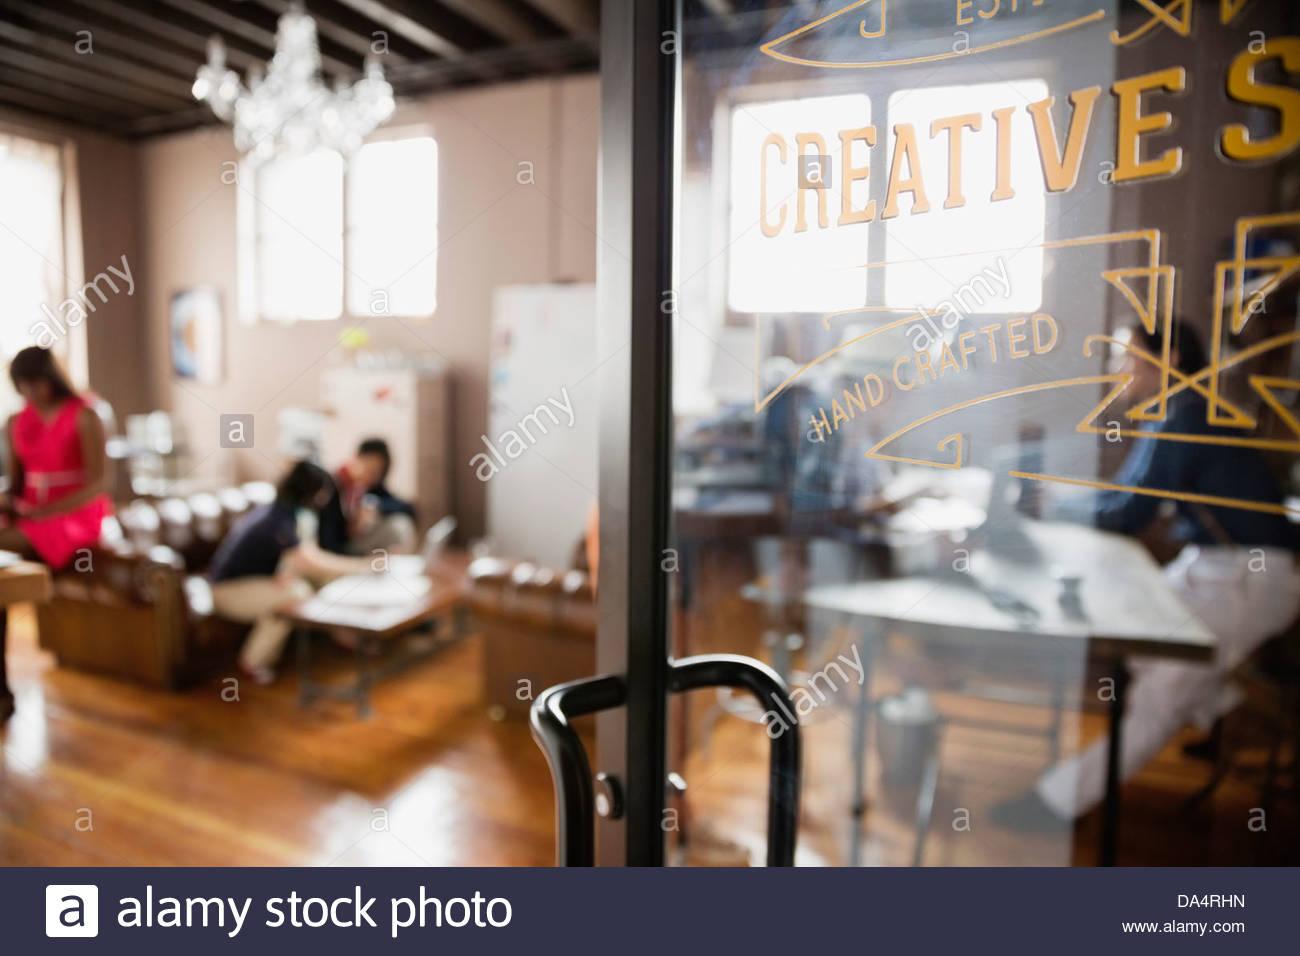 Nahaufnahme der Tür in kreativen Büroräume Stockbild